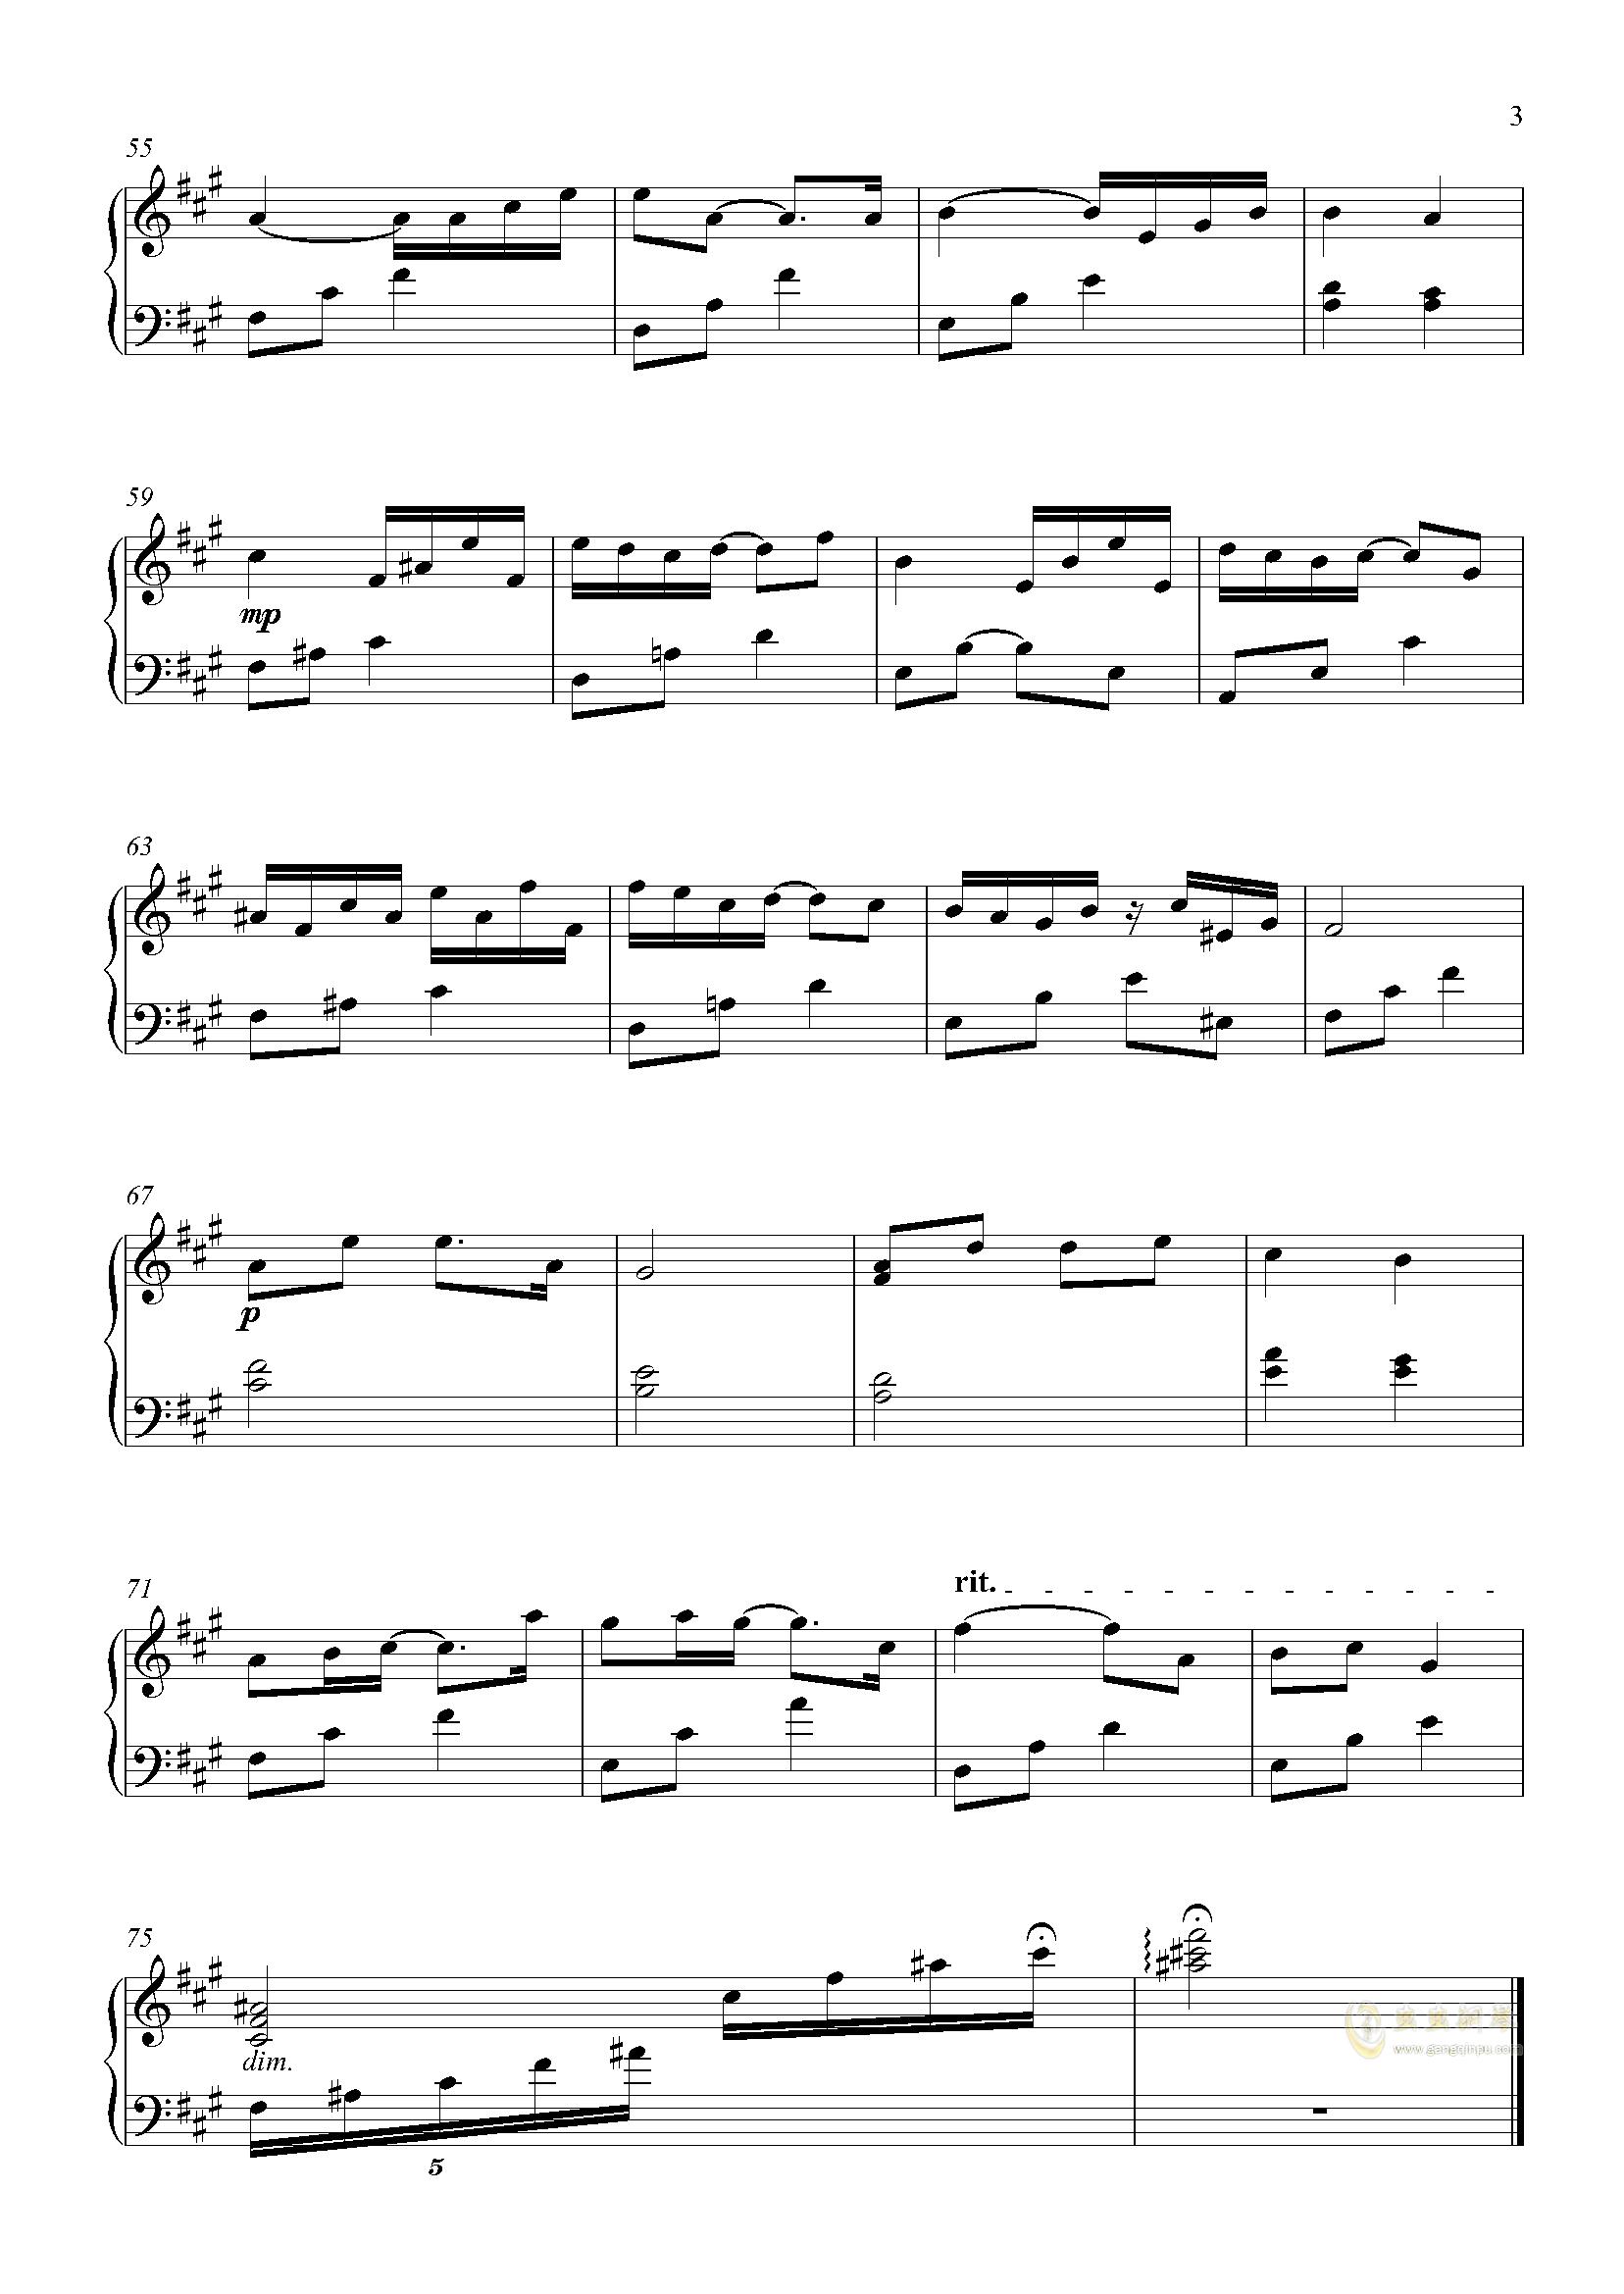 碎片钢琴谱 第3页